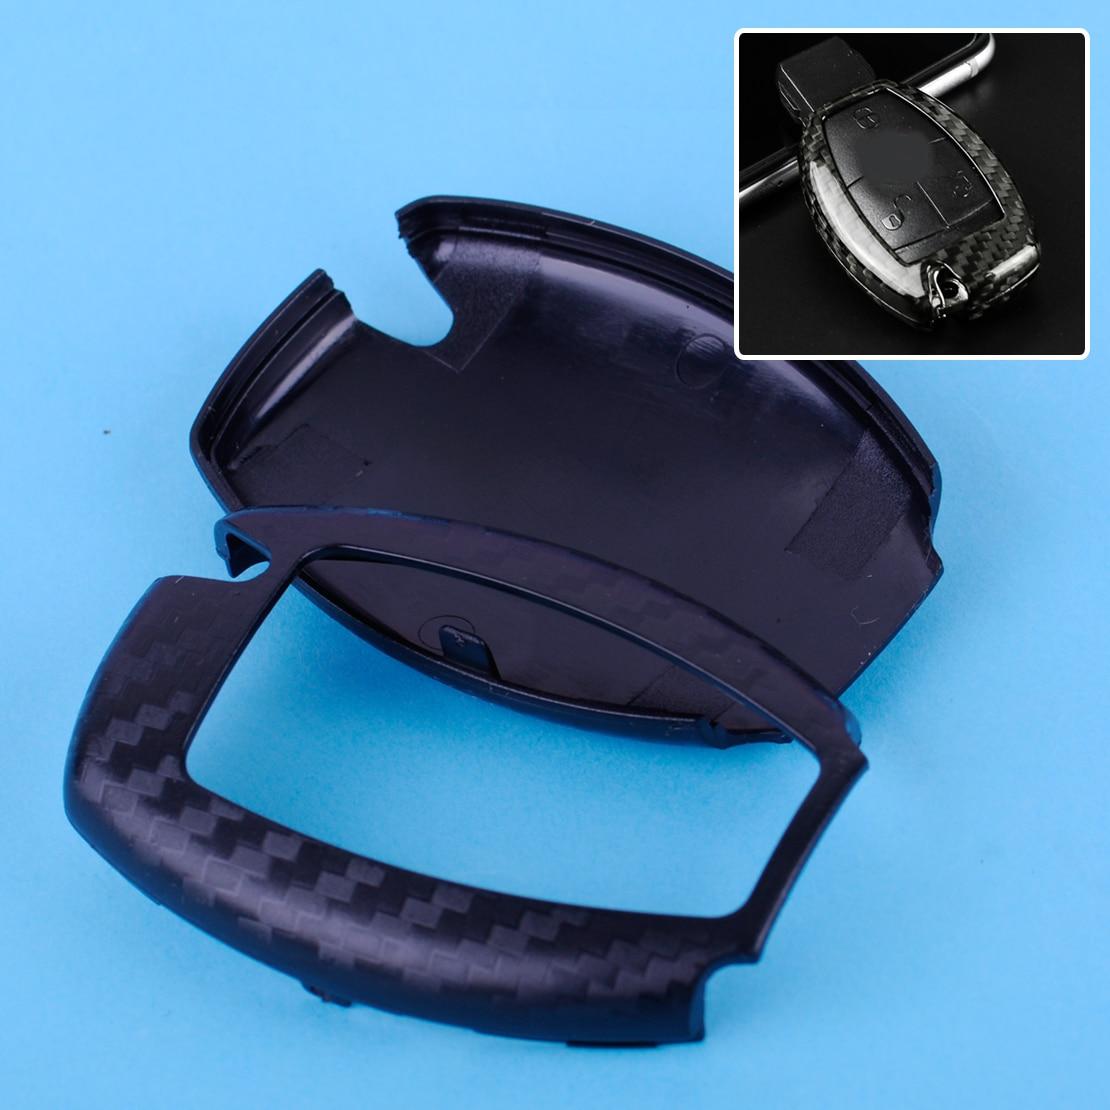 DWCX Noir Deluxe Fiber De Carbone À Distance Sans Clé Clé de Cas de Couverture Shell Fob fit pour Mercedes Benz A160 A180 A190 A200